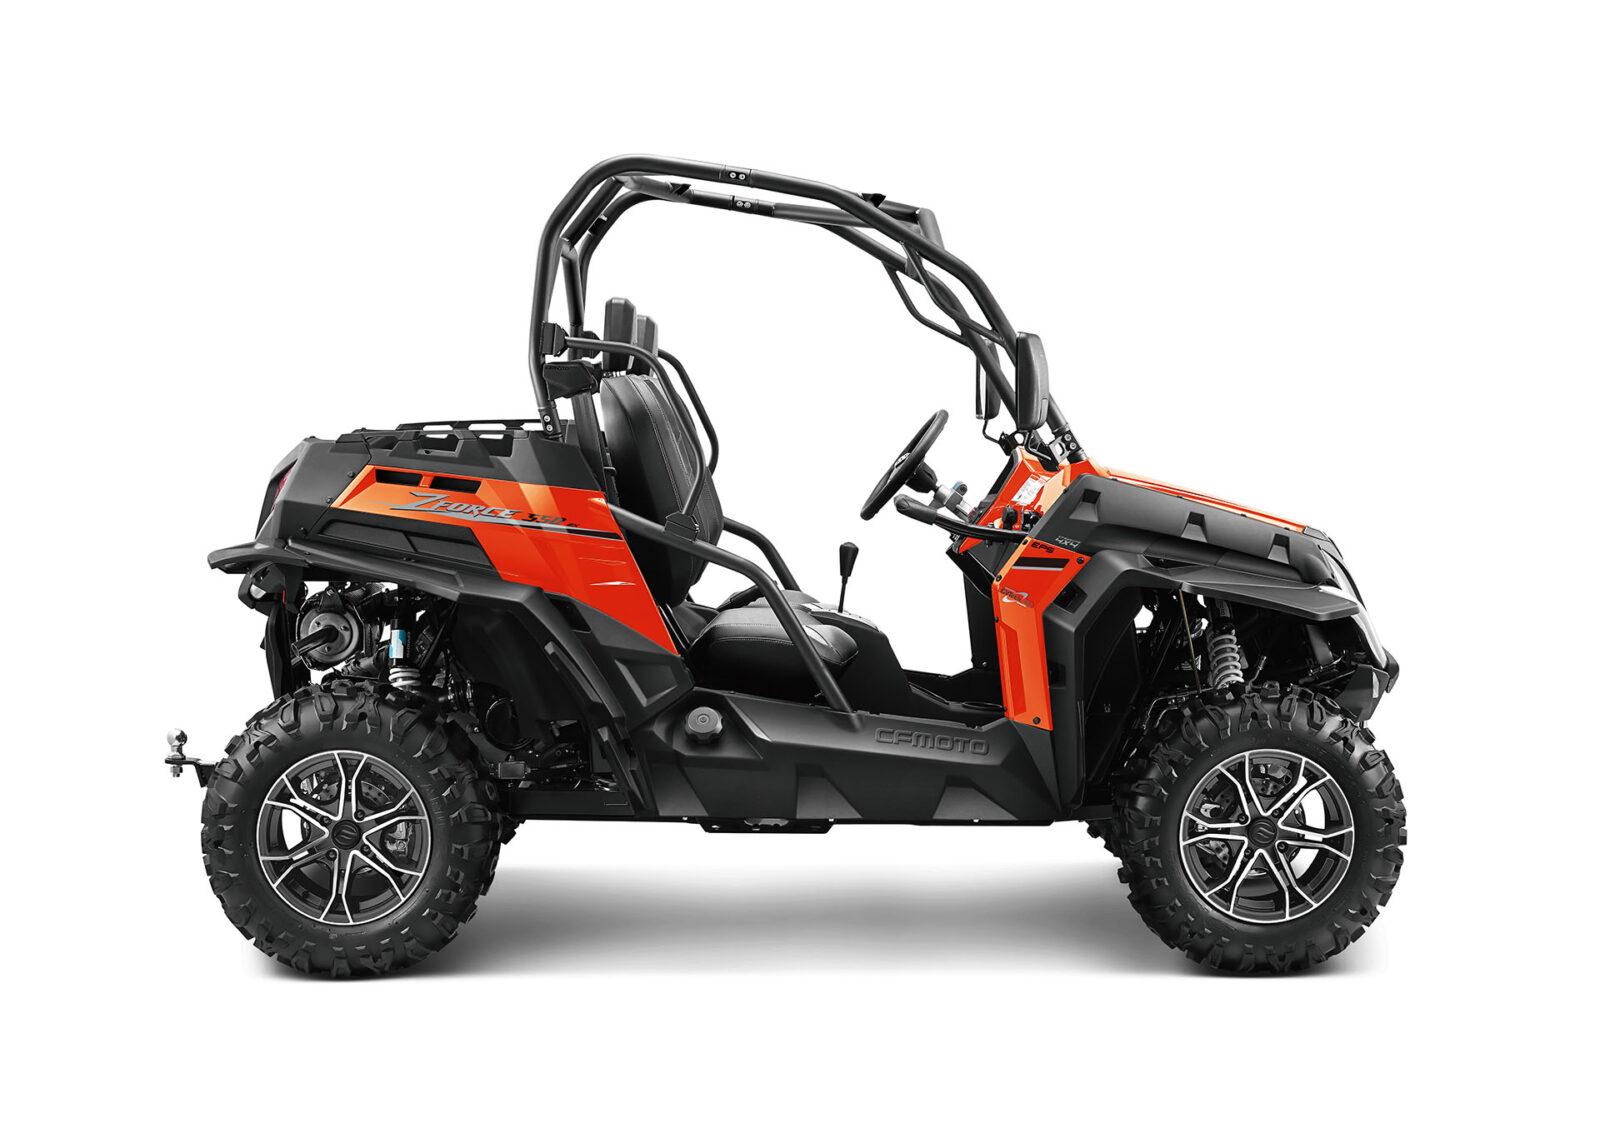 2021 ZFORCE 550EX 90 ORANGE 10464743